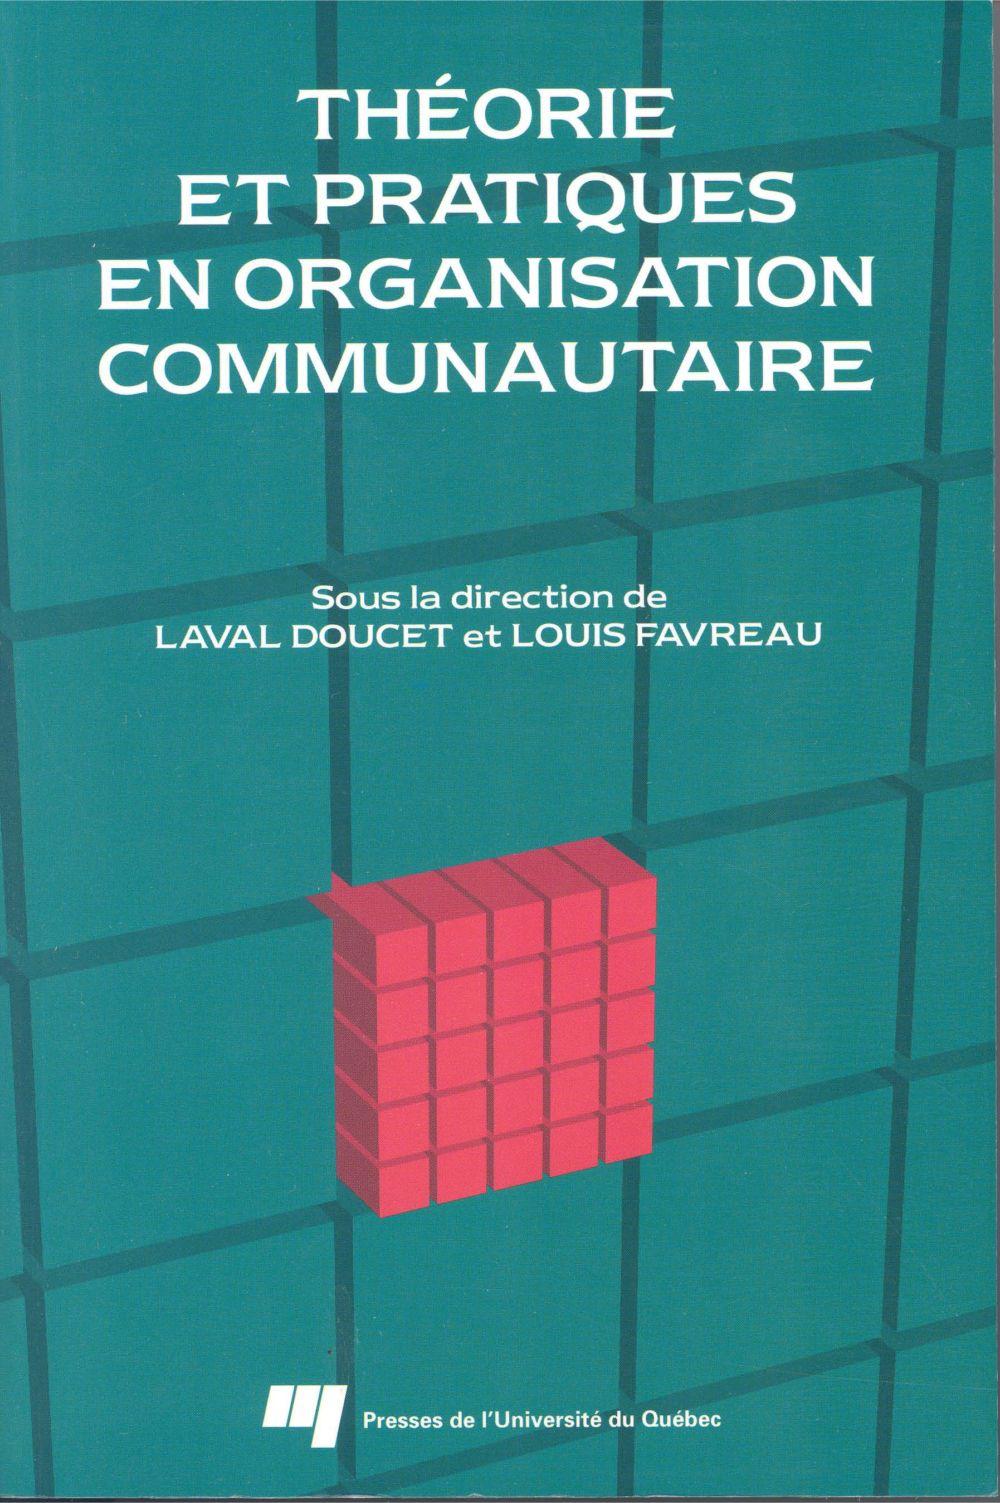 Théorie et pratiques en organisation communautaire